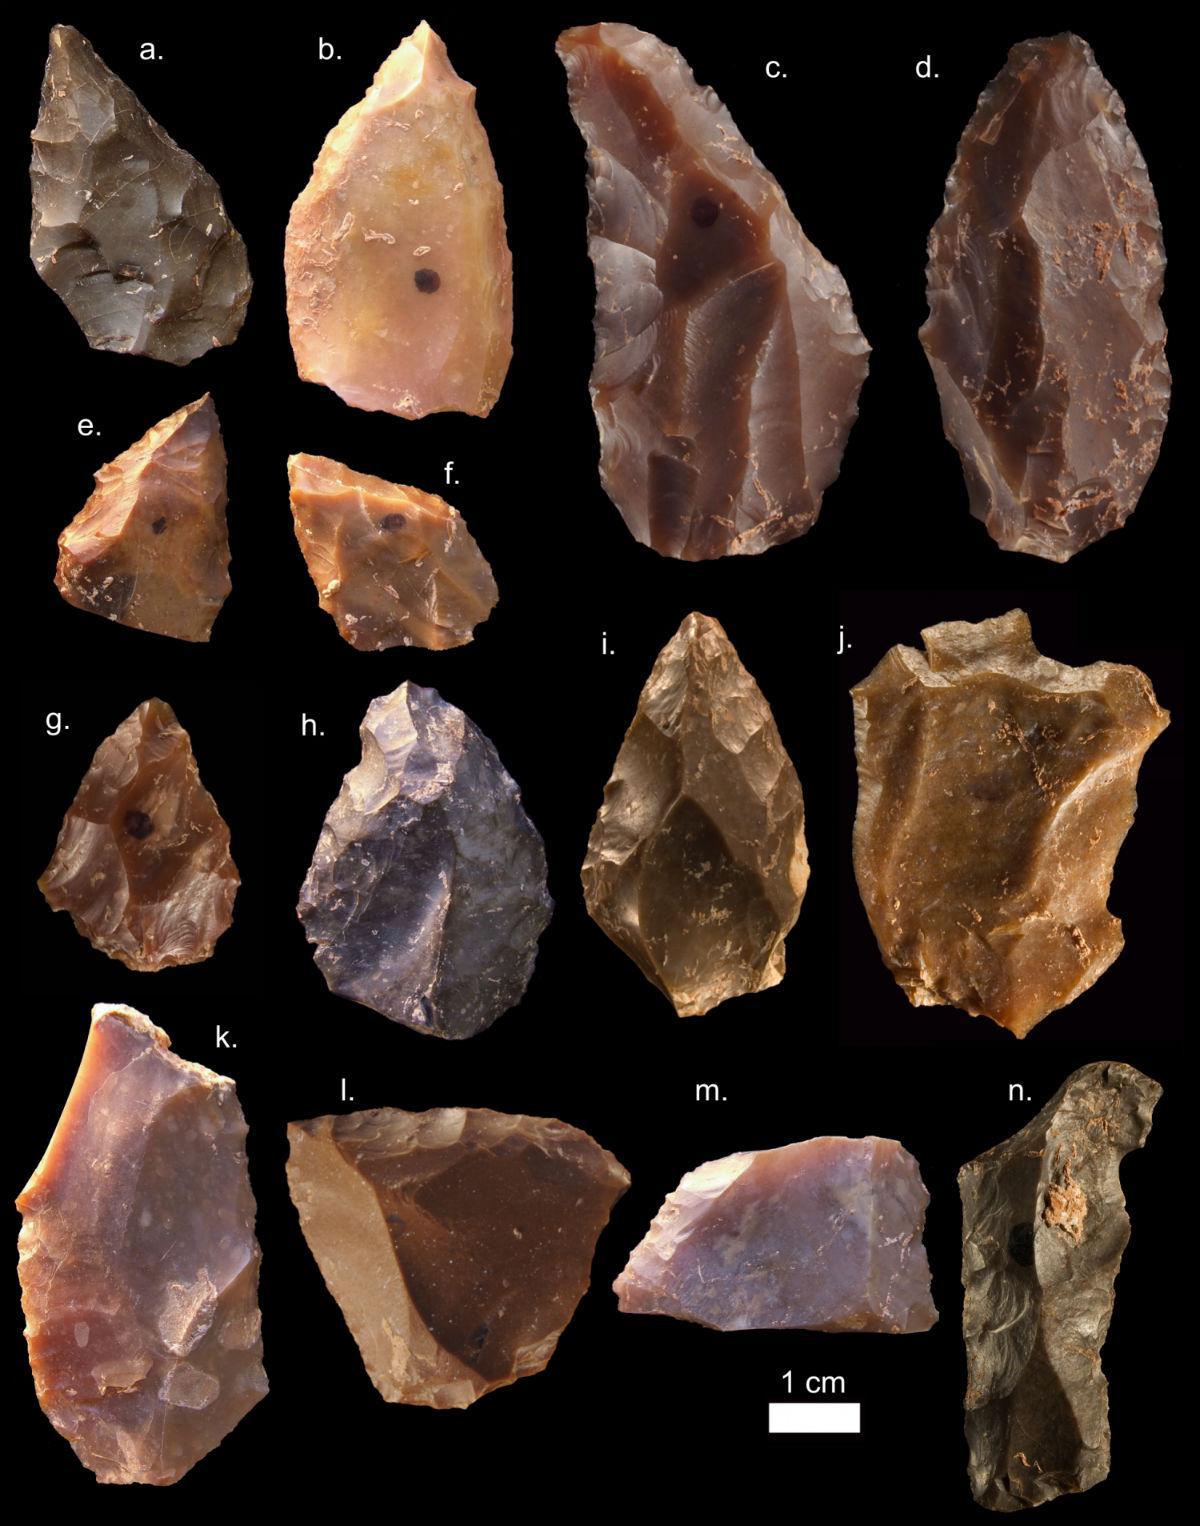 древнейшие останки Homo sapiens могут переписать историю нашего вида